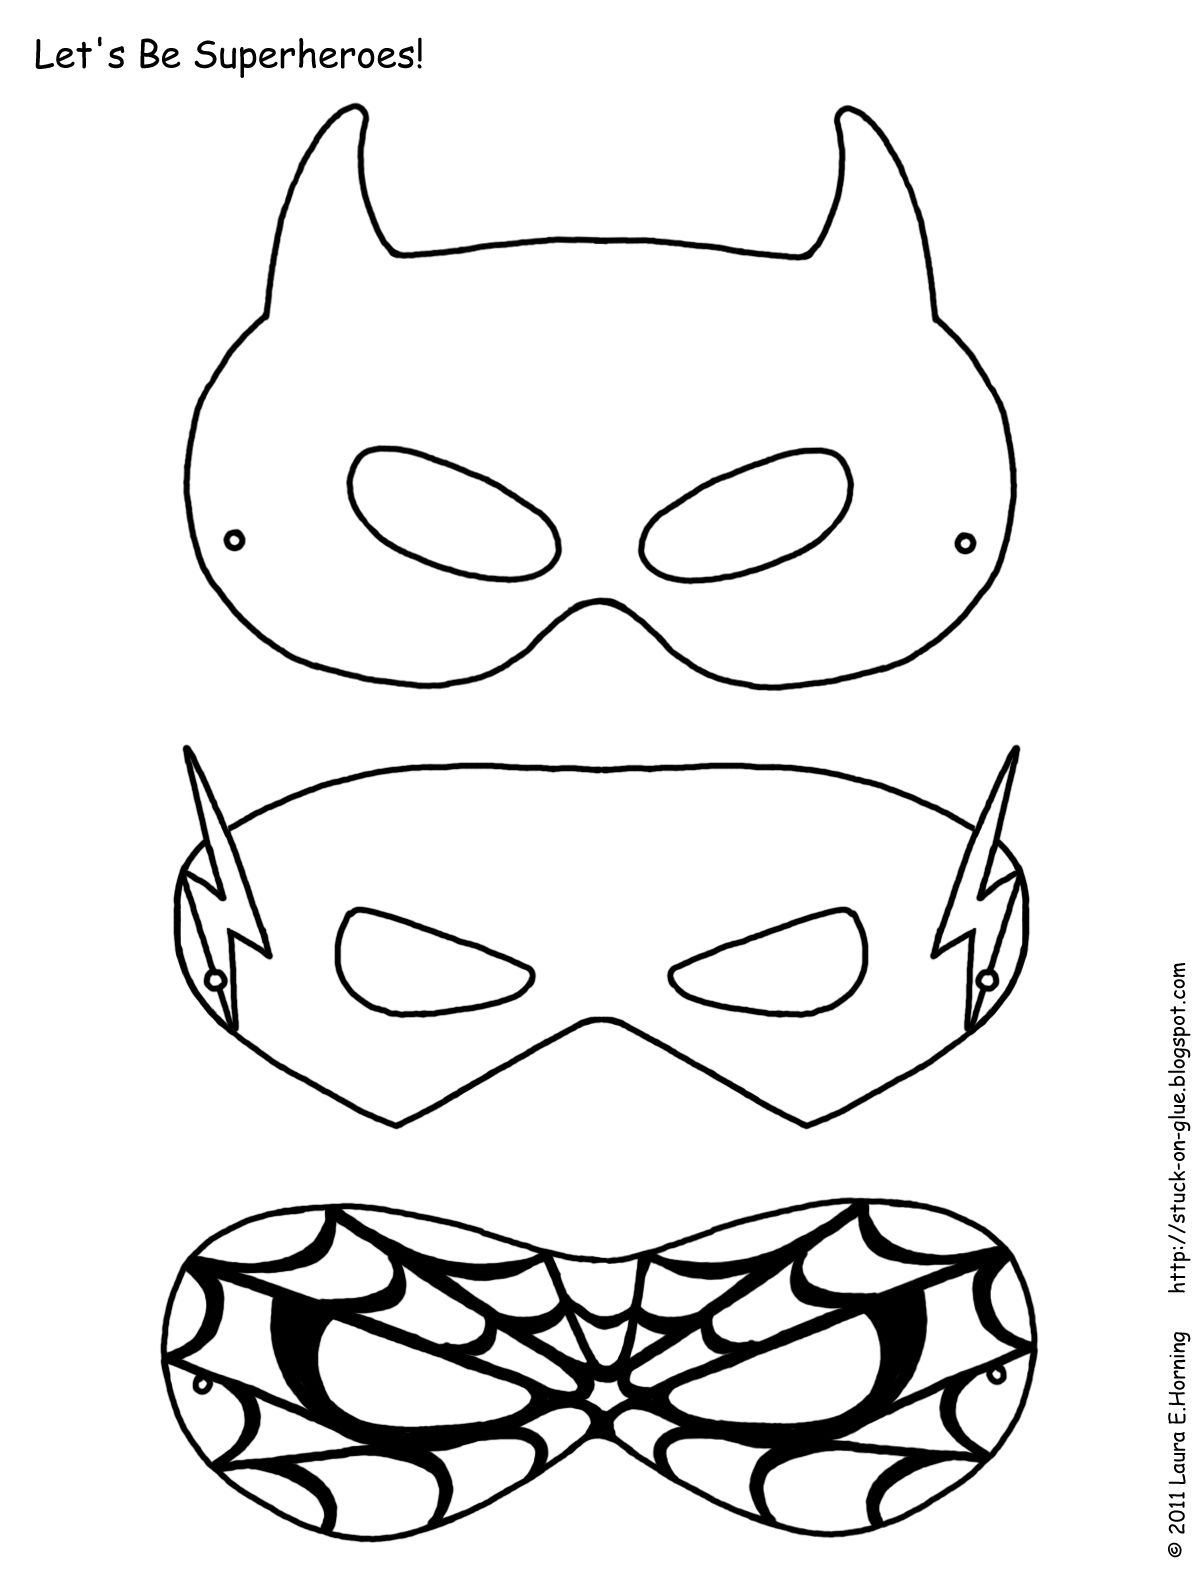 Kleurplaten En Maskers.Kleurplaten Maskers Superhelden Krijg Duizenden Kleurenfoto S Van